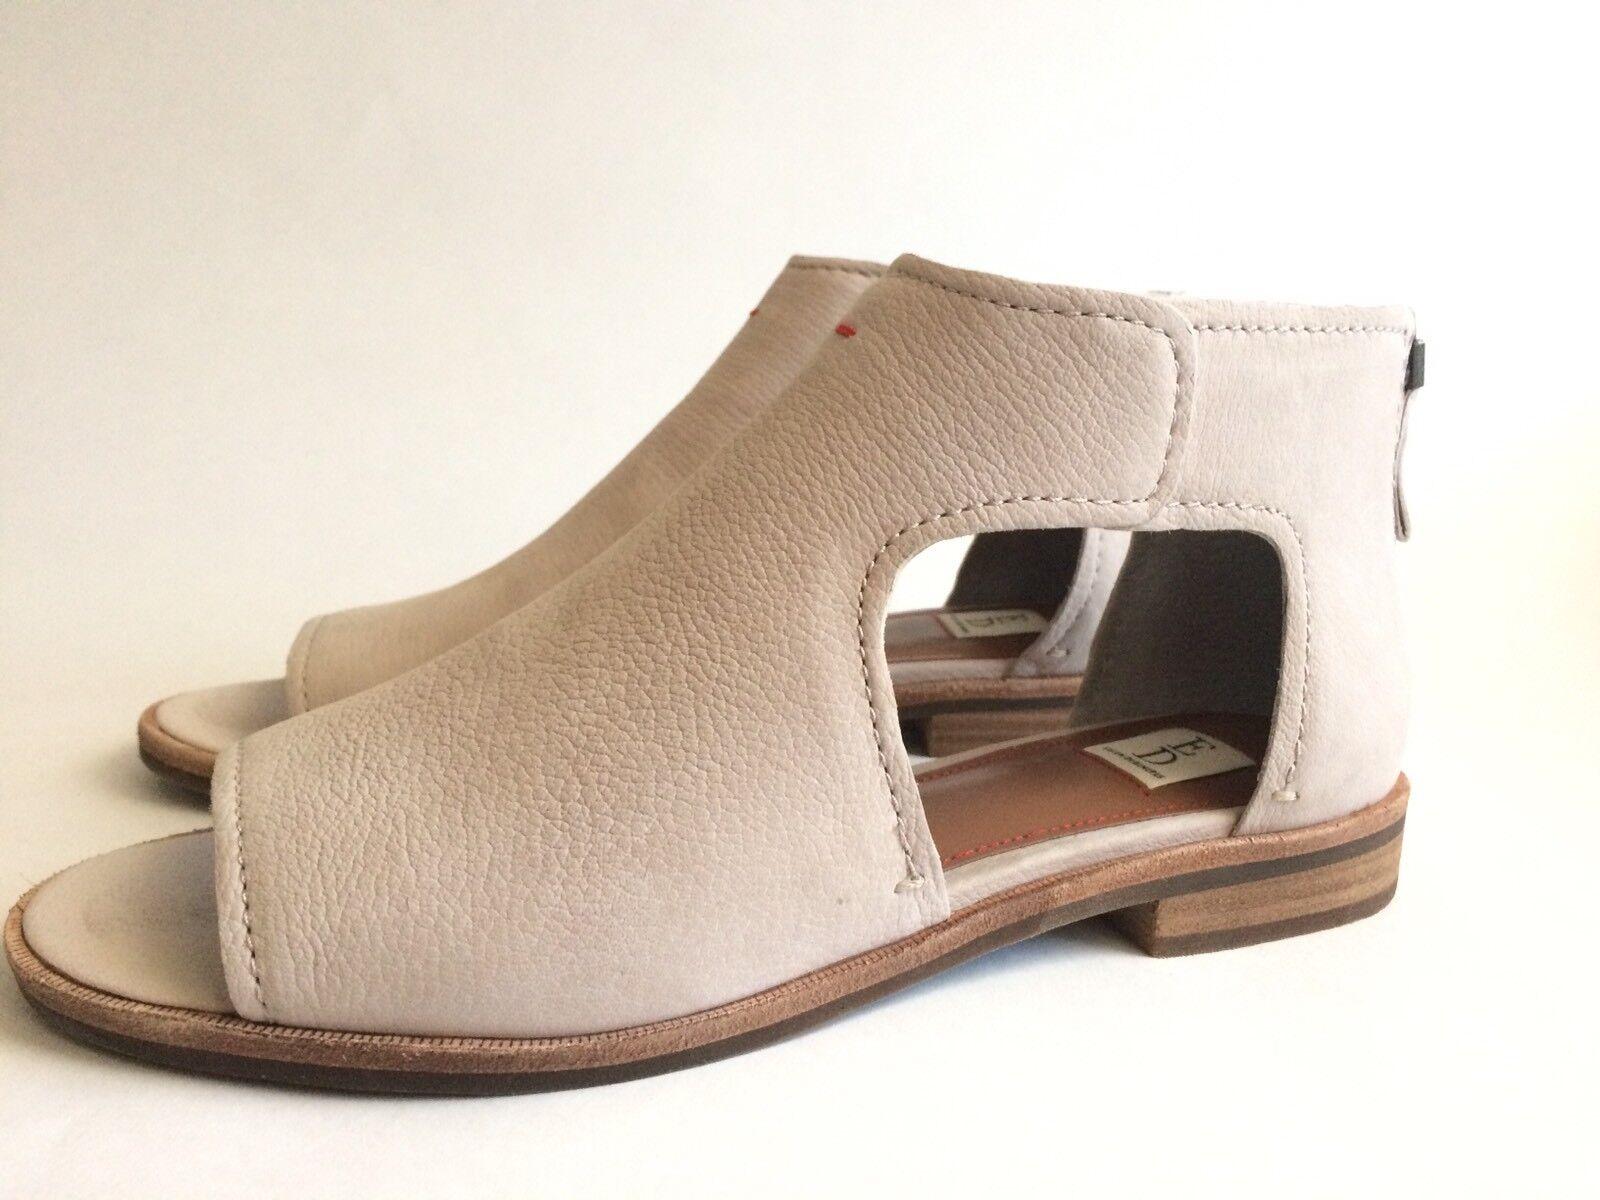 Ellen Degeneres ED-SURAH Cut Out Sandals Flats Leather US Sz 6.5 M